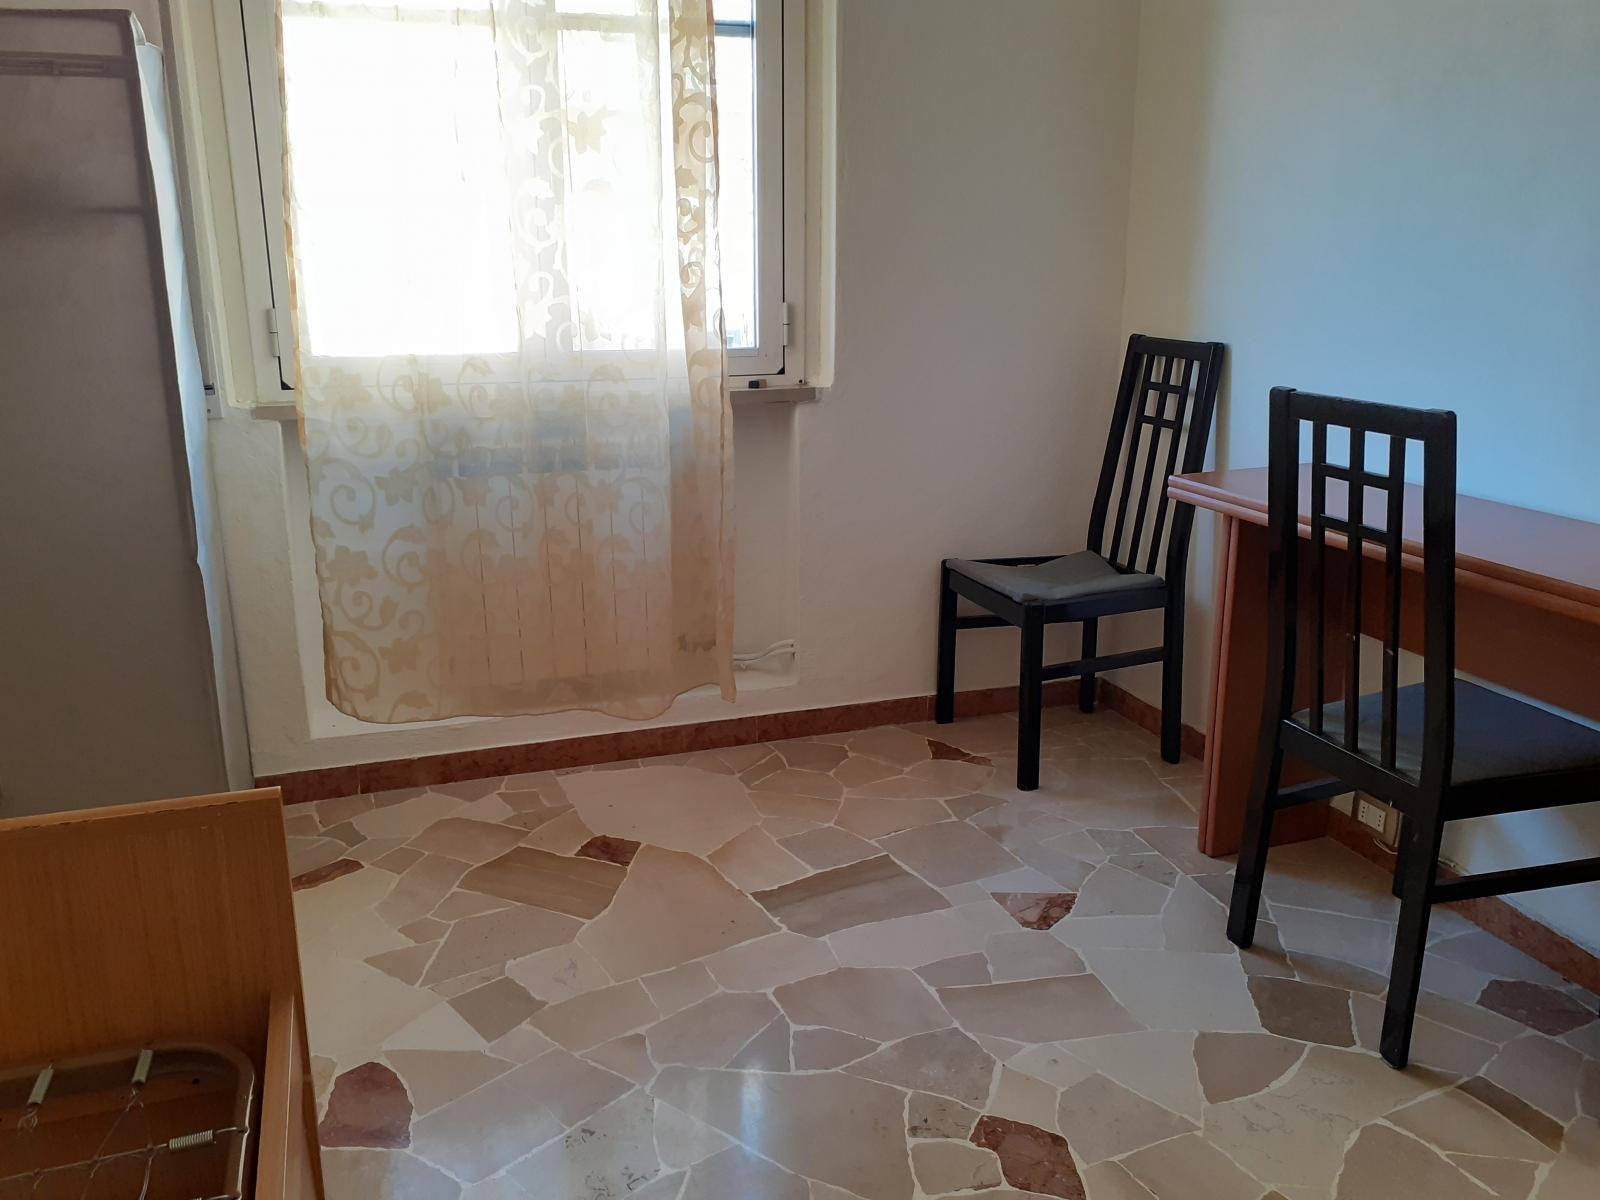 appartamento-in-vendita-a-cornaredo-milano-3-locali-trilocale-spaziourbano-immobiliare-vende-3